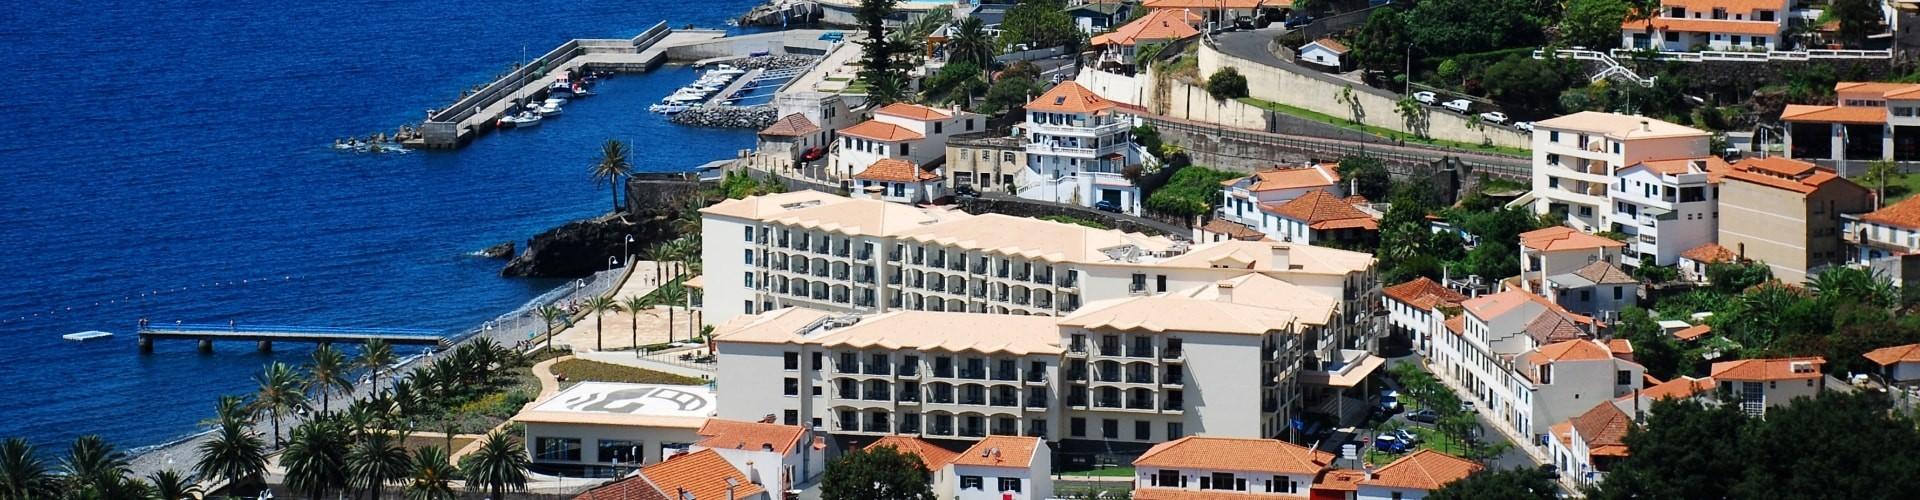 Santa Cruz Municipality in Madeira Island